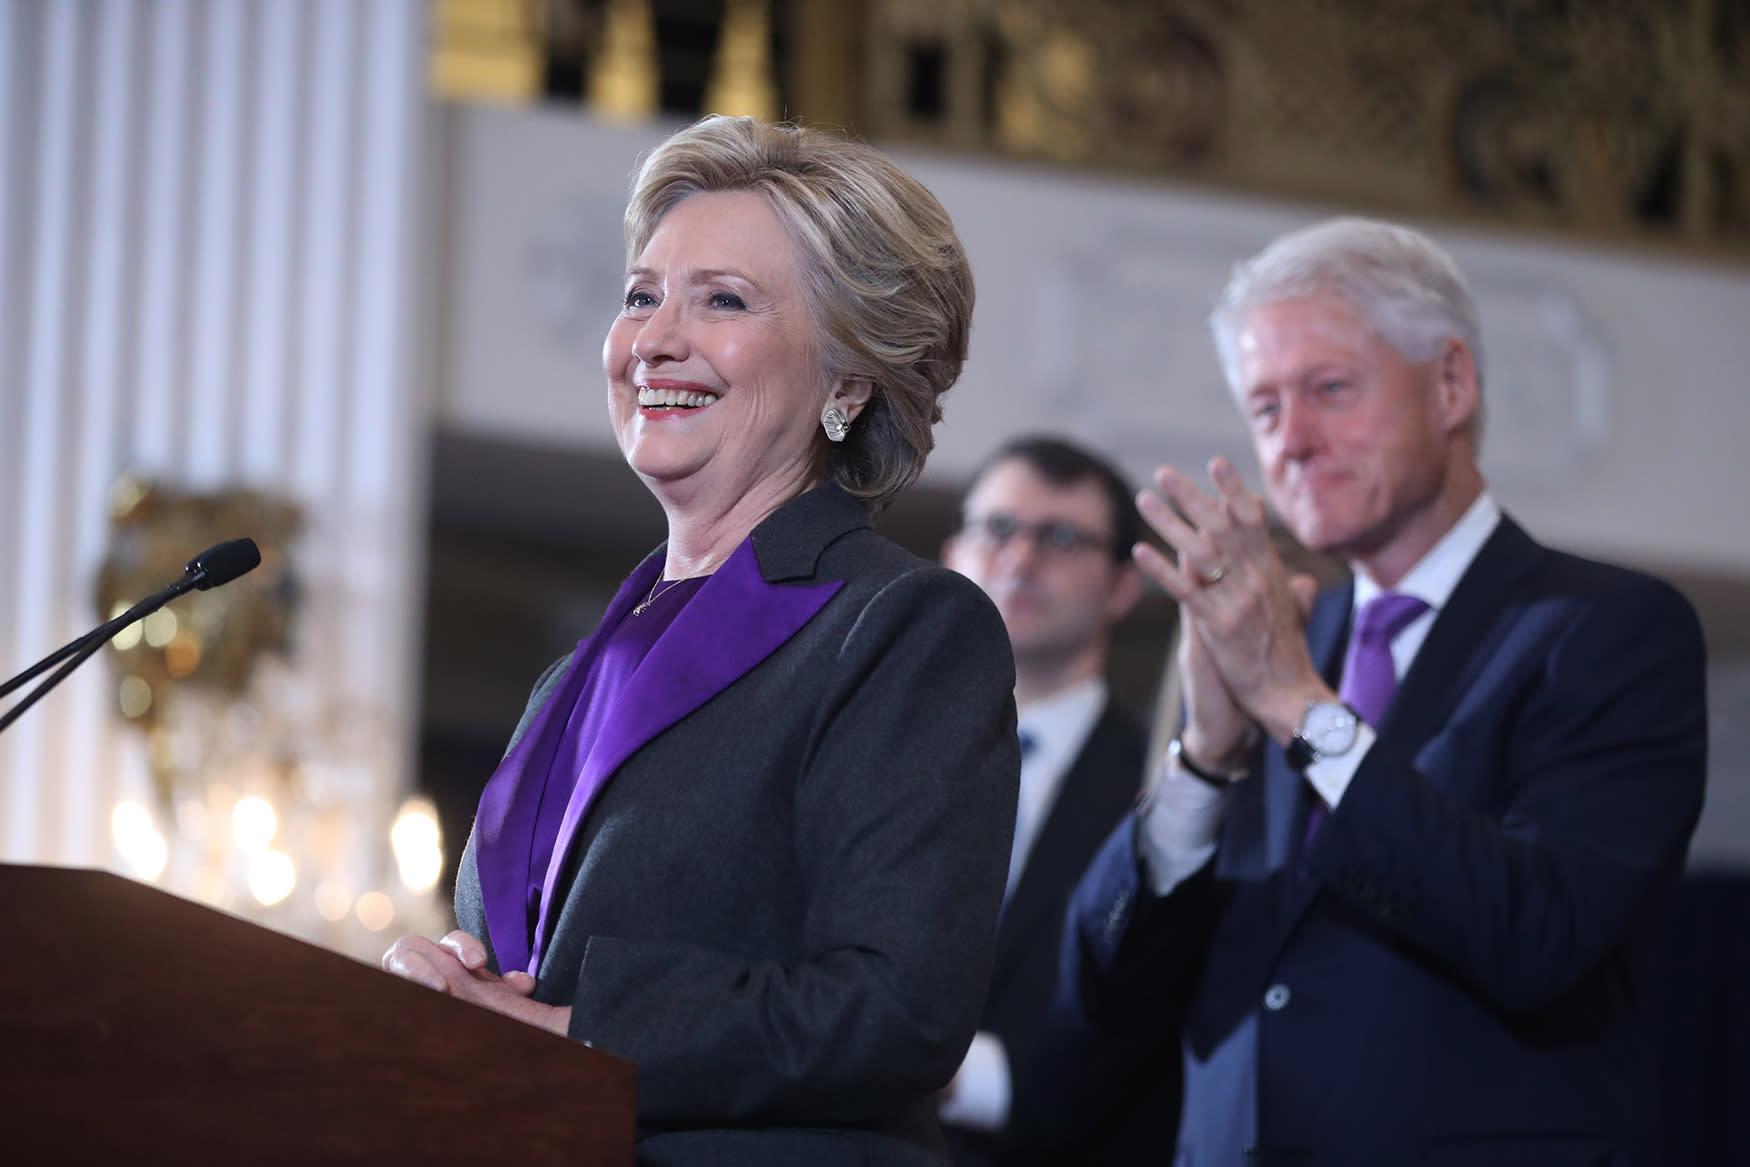 Hillary Clinton: We owe Donald Trump an 'open mind'